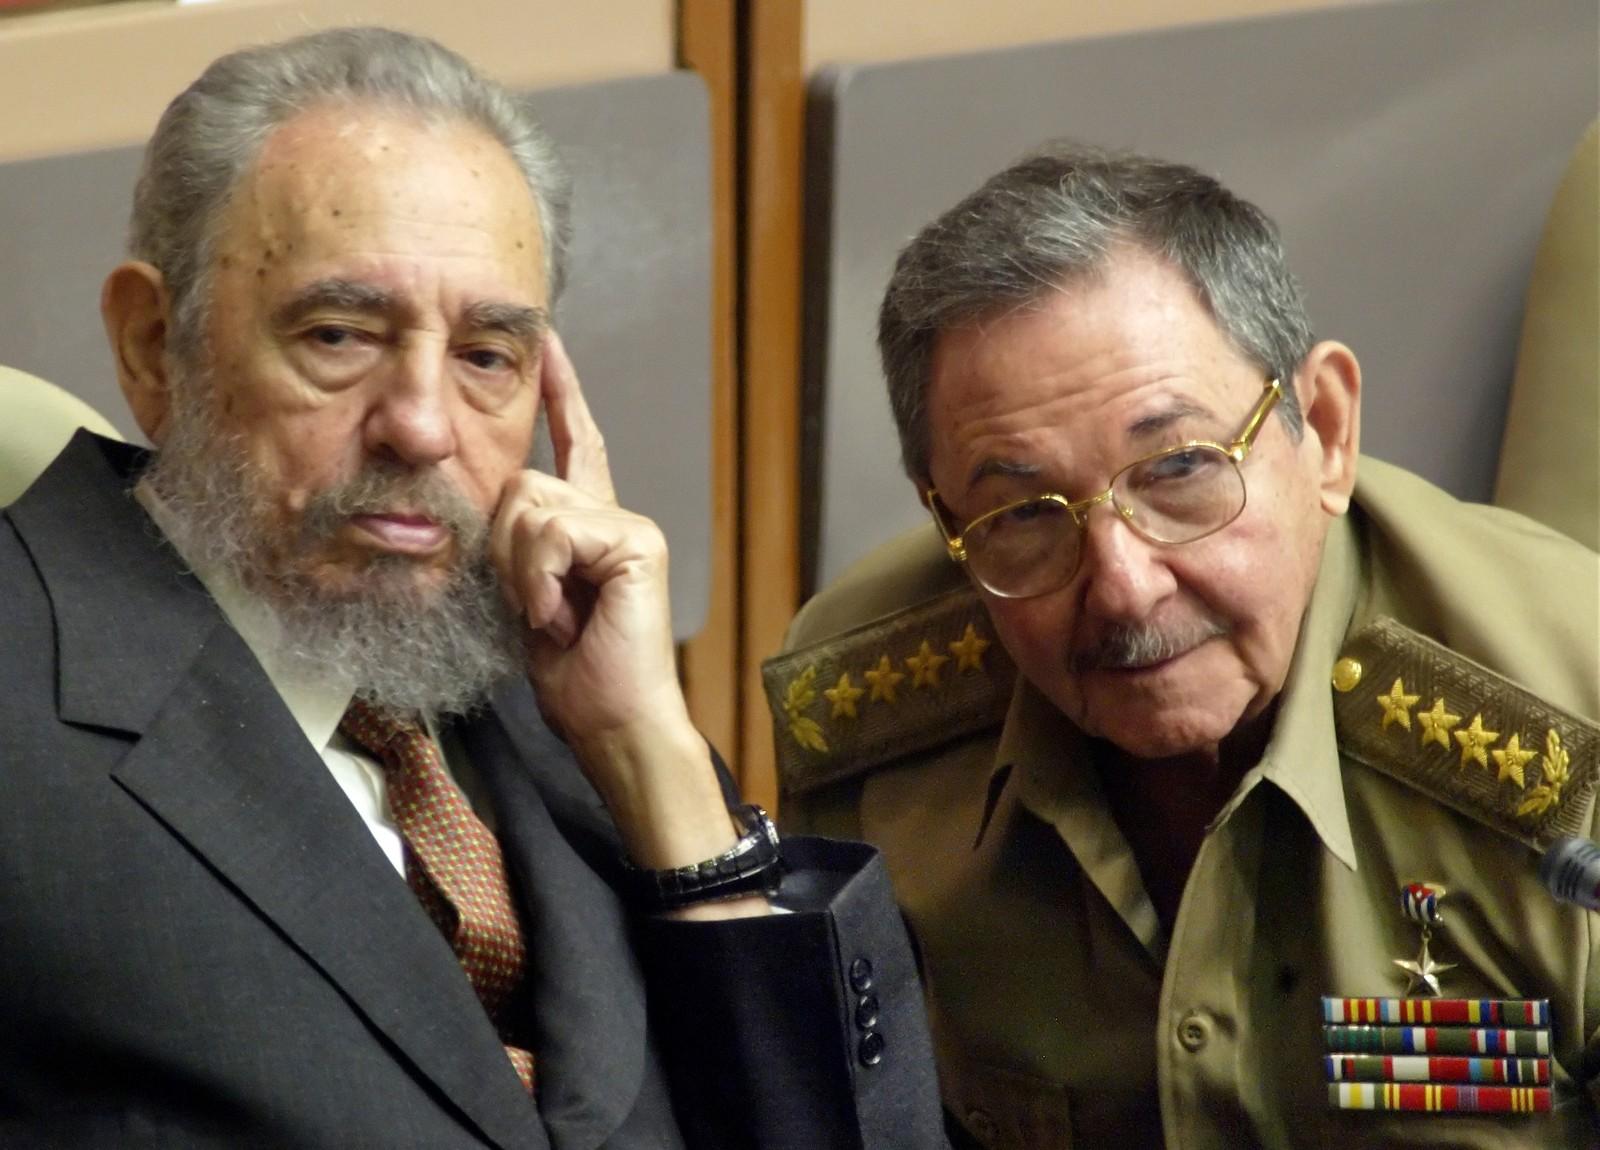 Forsvarsminister Raul Castro fikk i juli 2006 overført presidentens fullmakter og utpekt som midlertidig leder av landet. Da hadde spekulasjonene rundt brorens – og presidentens – helse vart i månedsvis. To år senere, i 2008 erklærte Fidel Castro at han ikke stilte til gjenvalg som president.